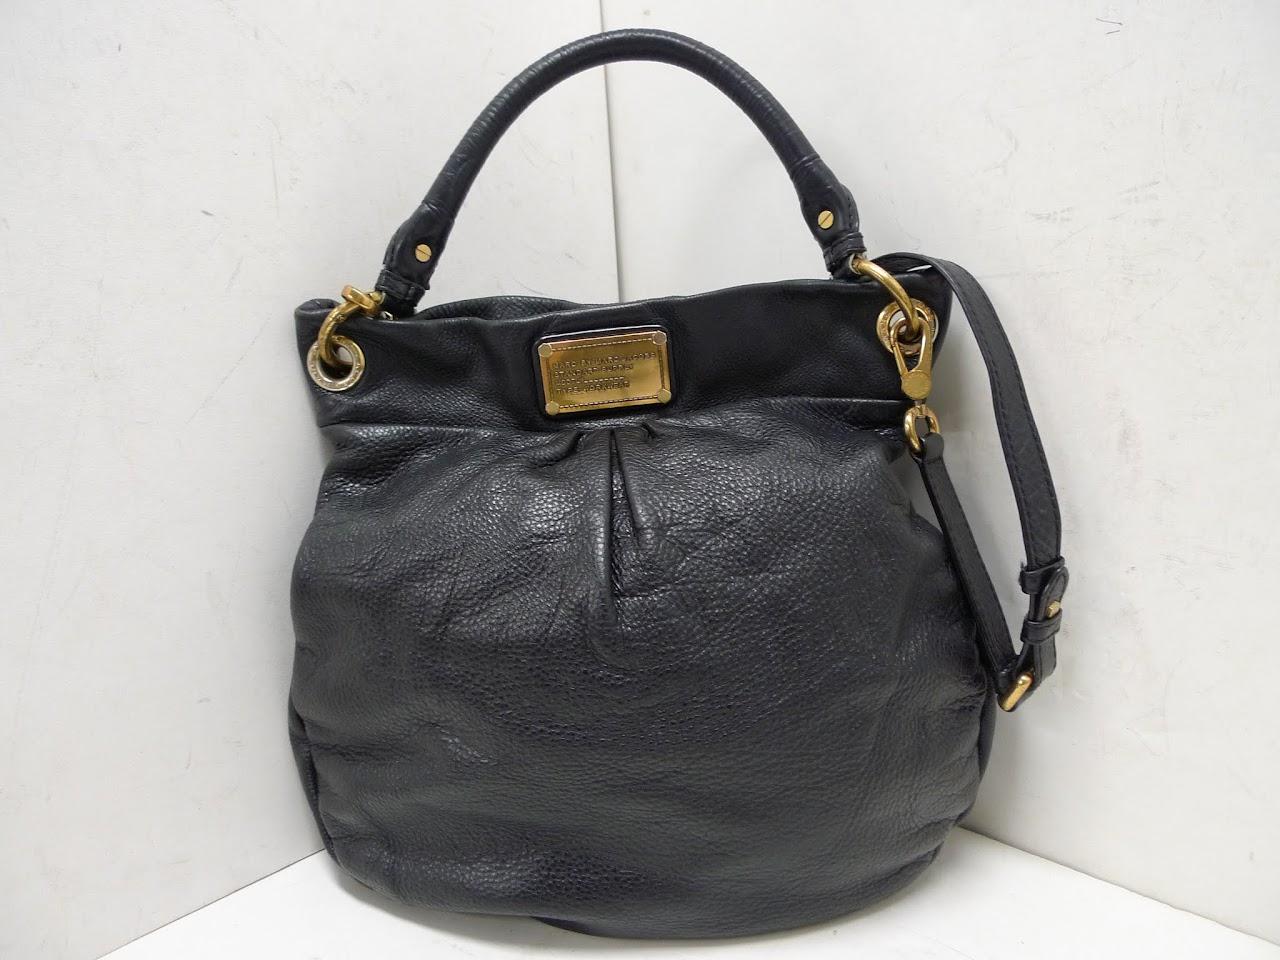 Marc by Marc Jacobs Black Shoulder Bag